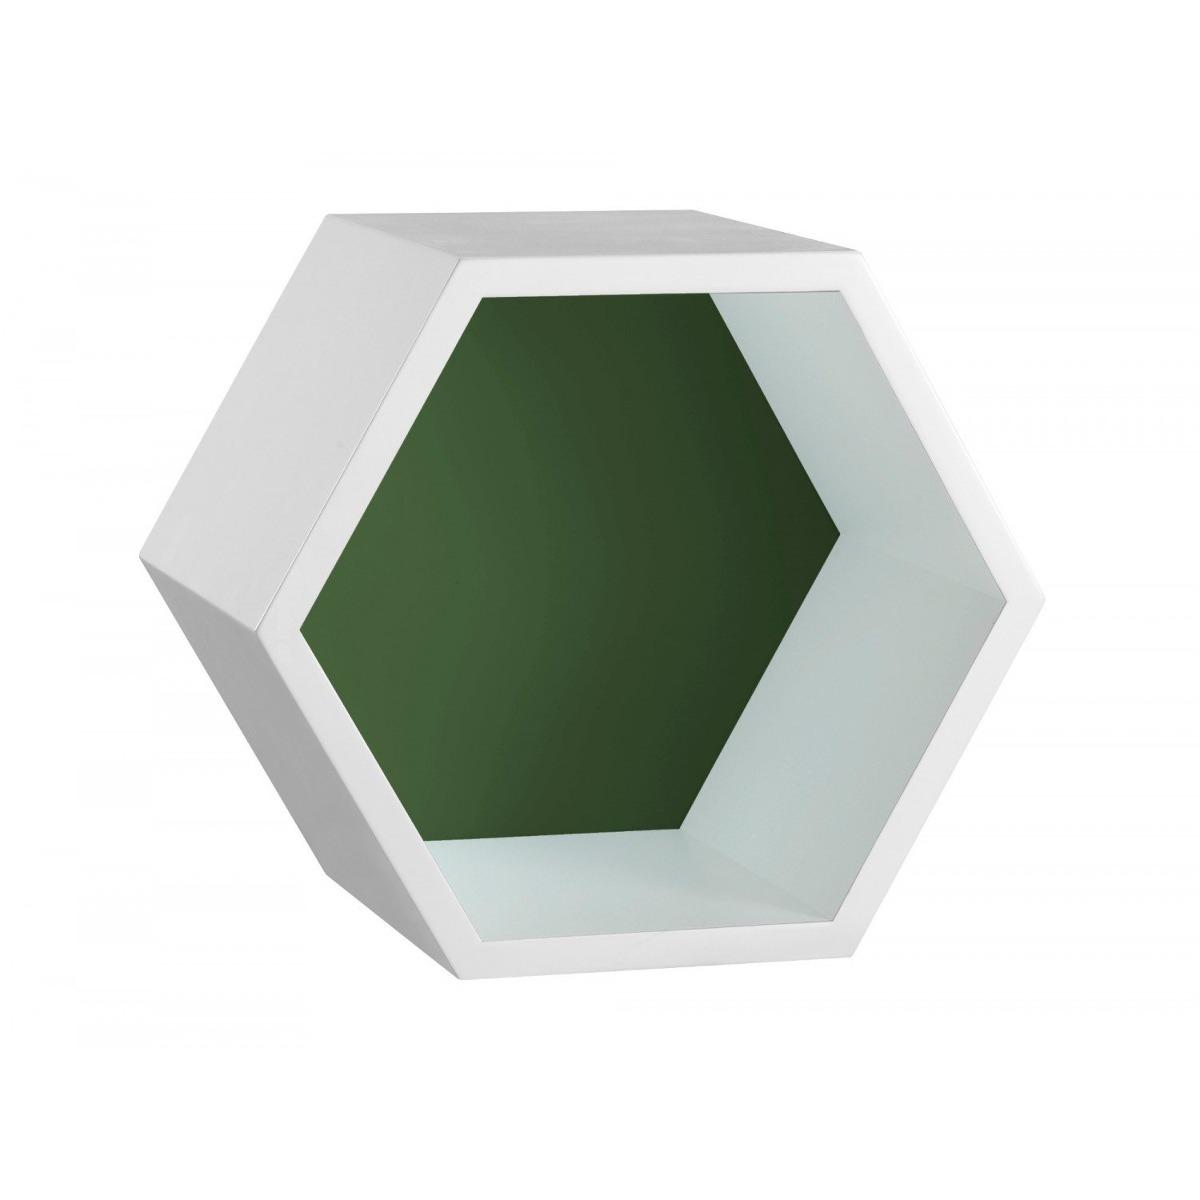 Nicho Hexagonal Mdf Favo Maxima Branco verde Musgo Hc - R  134,11 em ... 5376c082bc